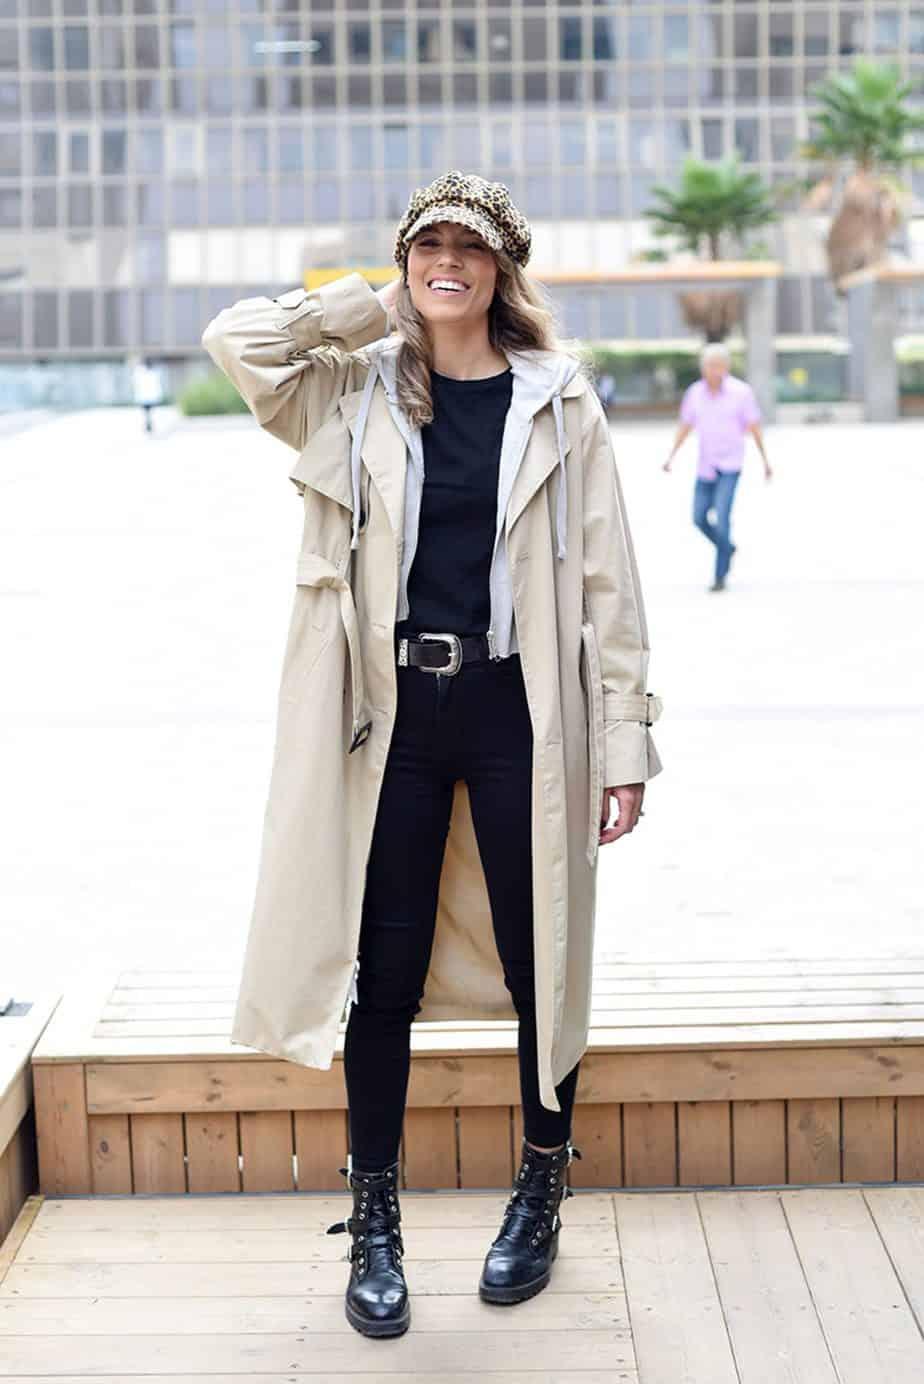 מעיל: מנגו קפוצ'ון: פוקס כובע: אוסף פרטי, חגורה: עדיקה, הודיה פיינגולד צילום לימור יערי - 2